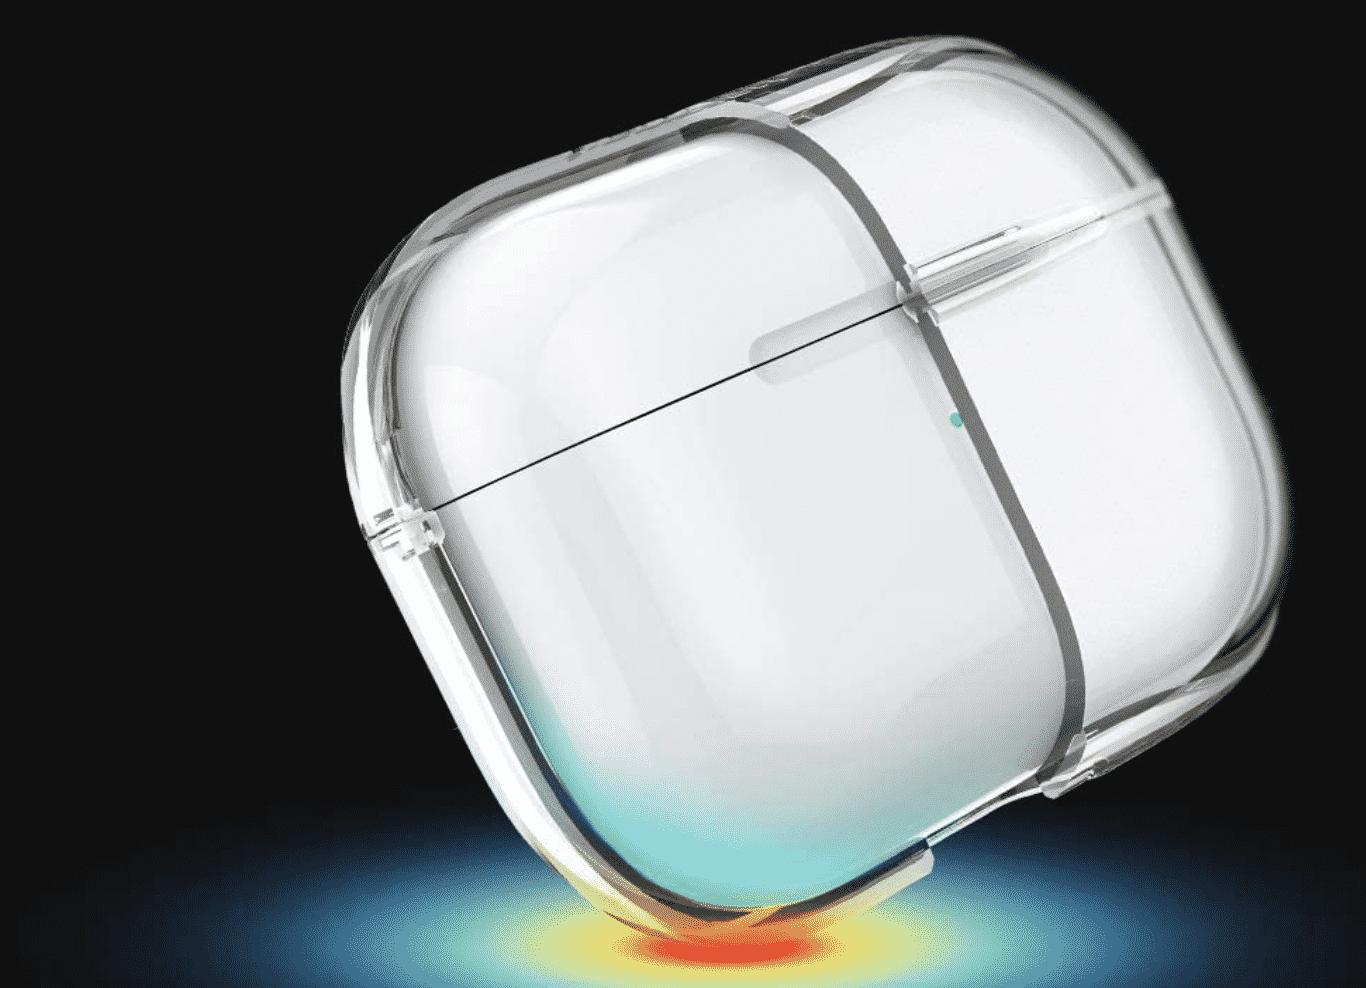 Spigen's AirPods Pro Clear Cases